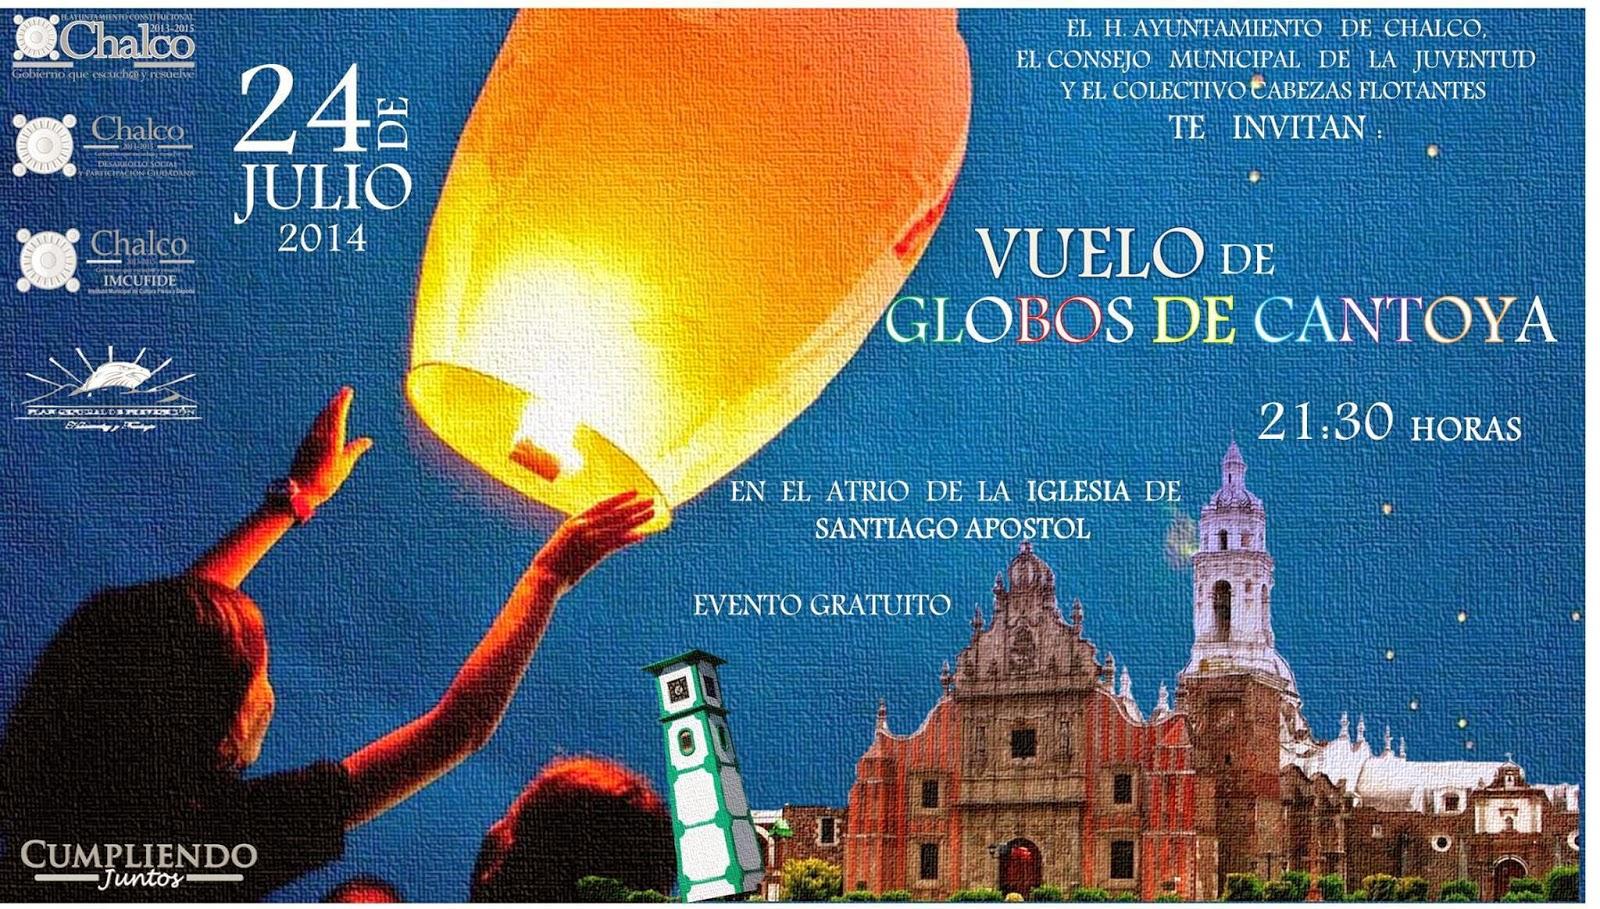 Feria de Chalco Globos de Cantoya 2014